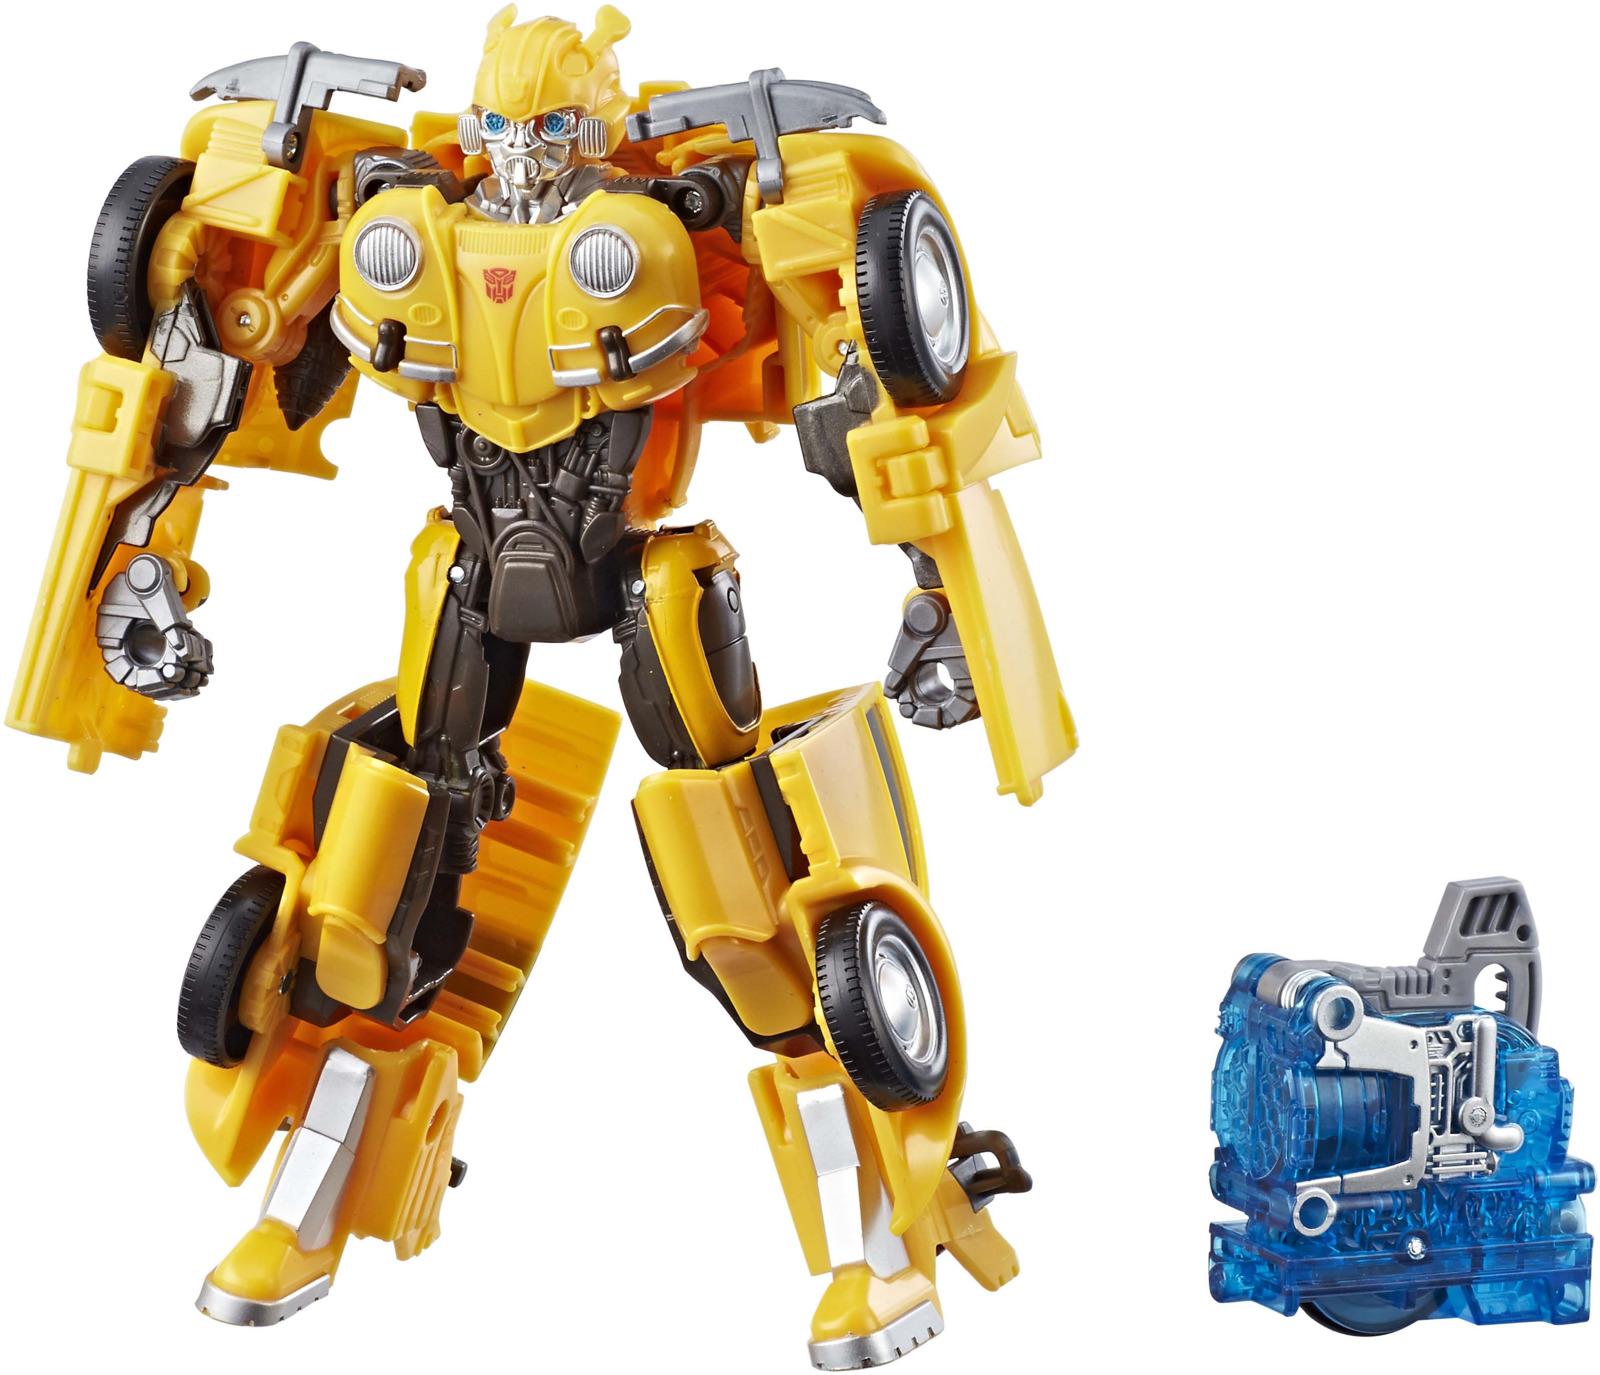 Игрушка-трансформер Transformers Bumblebee, 20 см. E0700_Е0763 автомобиль dickie трансформер bumblebee желтый 3113000